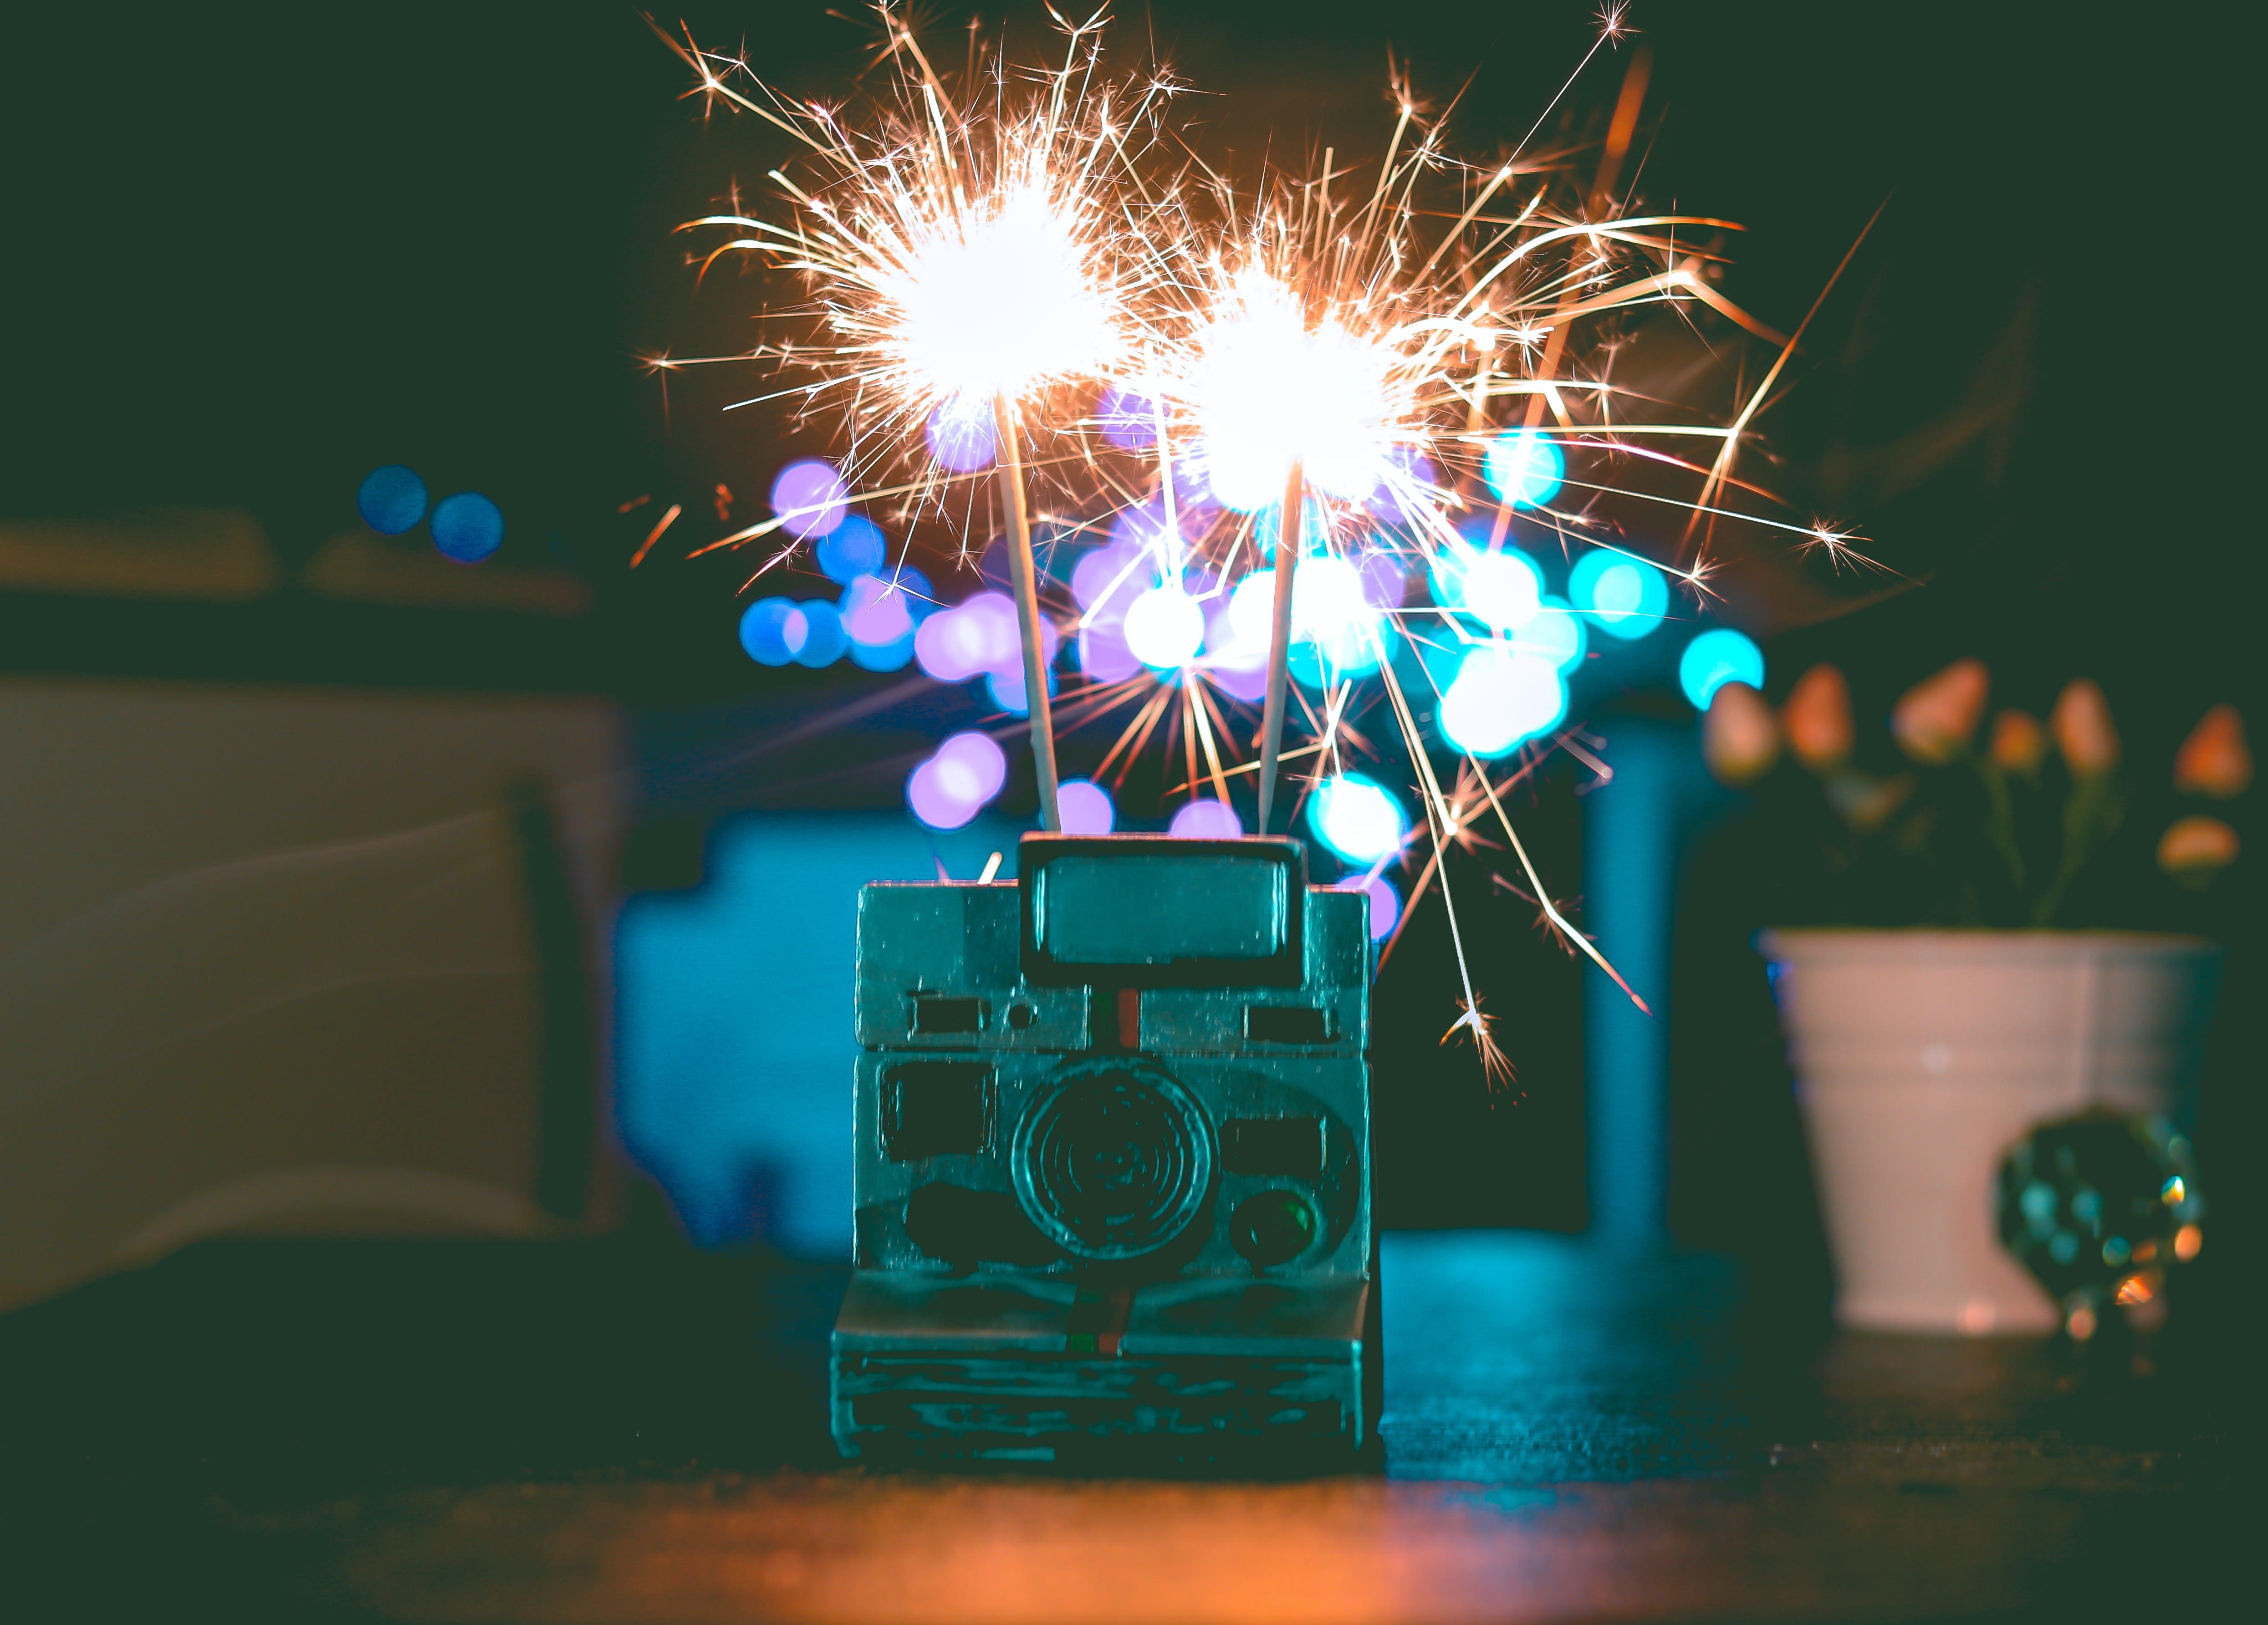 คลังภาพถ่ายฟรี ของ กล้อง, กล้องถ่ายรูปยี่ห้อโพเลอะรอยด, งานเฉลิมฉลอง, ประกายไฟ